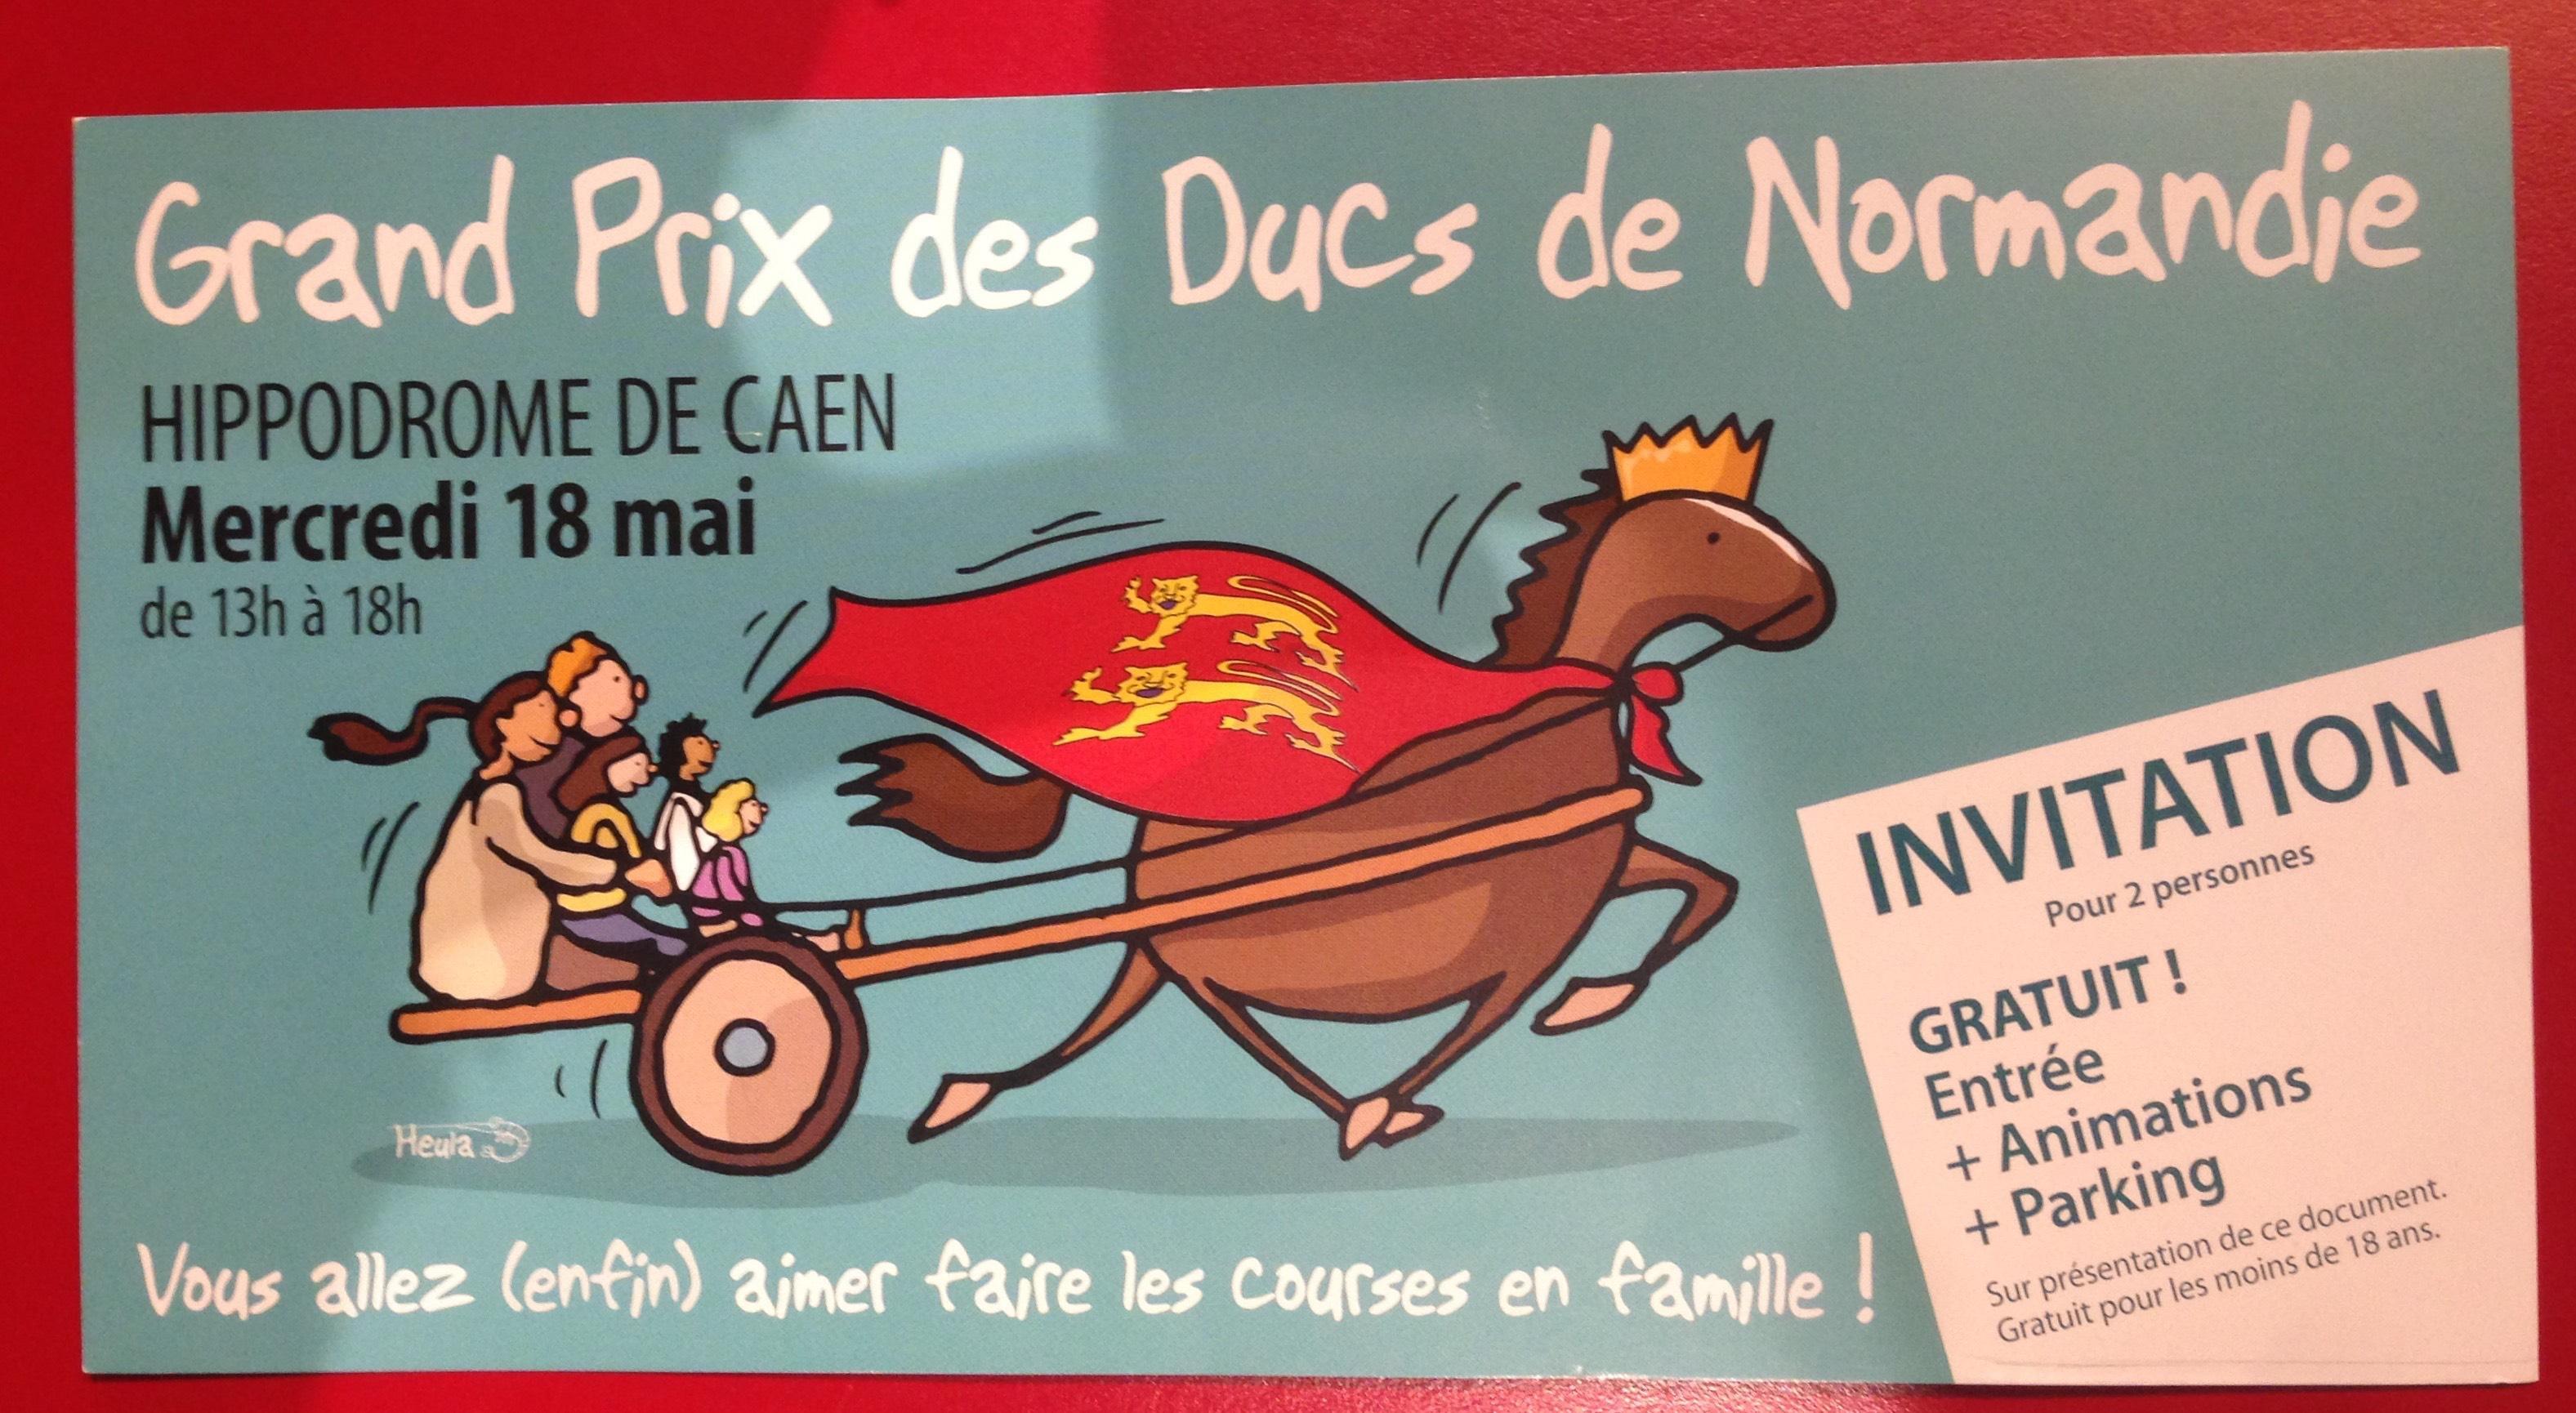 Invitation gratuite  pour 2 personnes au Grand Prix des Ducs de Normandie à Caen le mercredi 18 Mai 2016